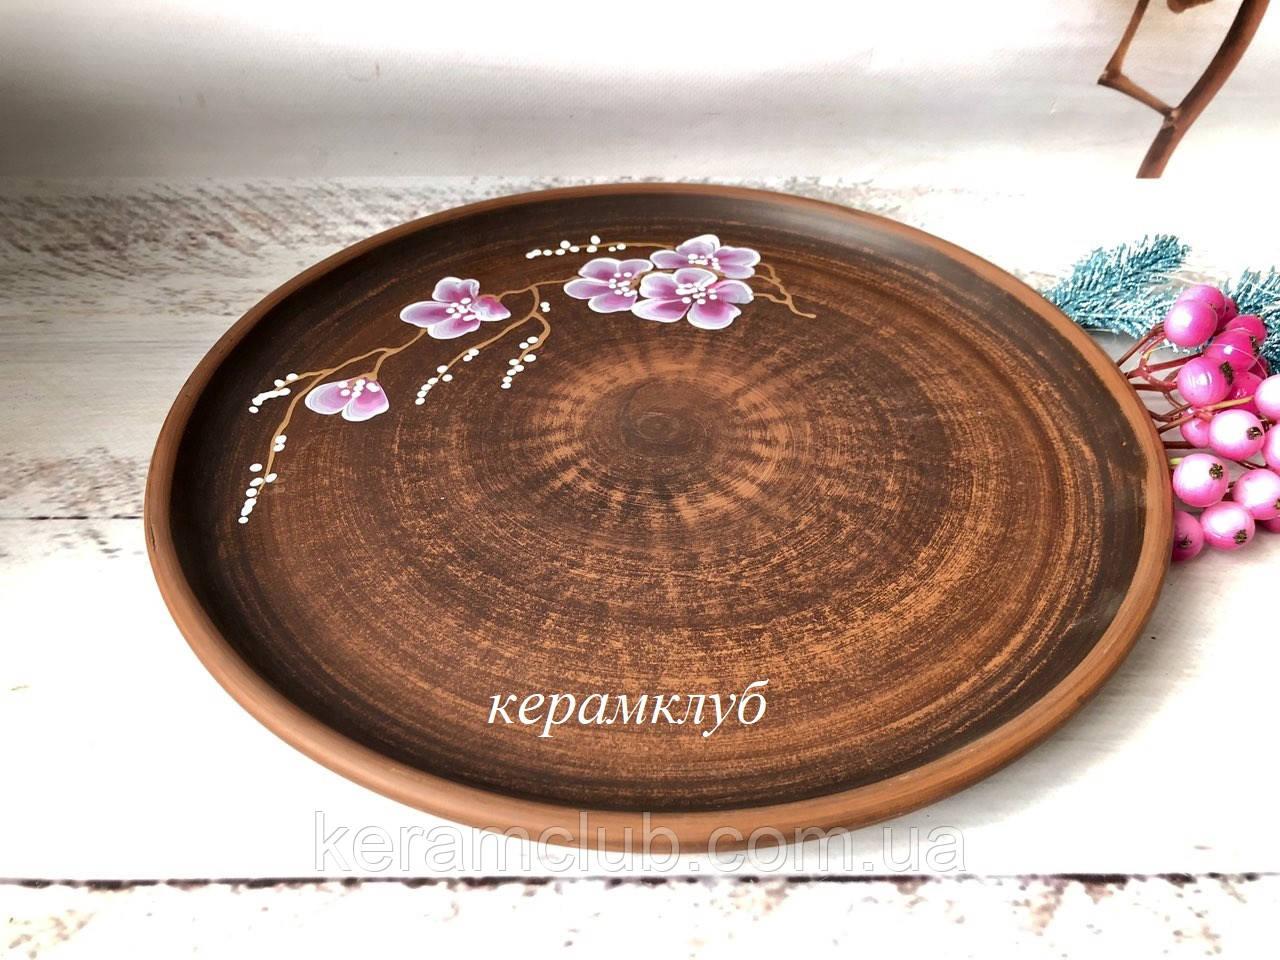 Керамическое блюдо 37 см с рисунком